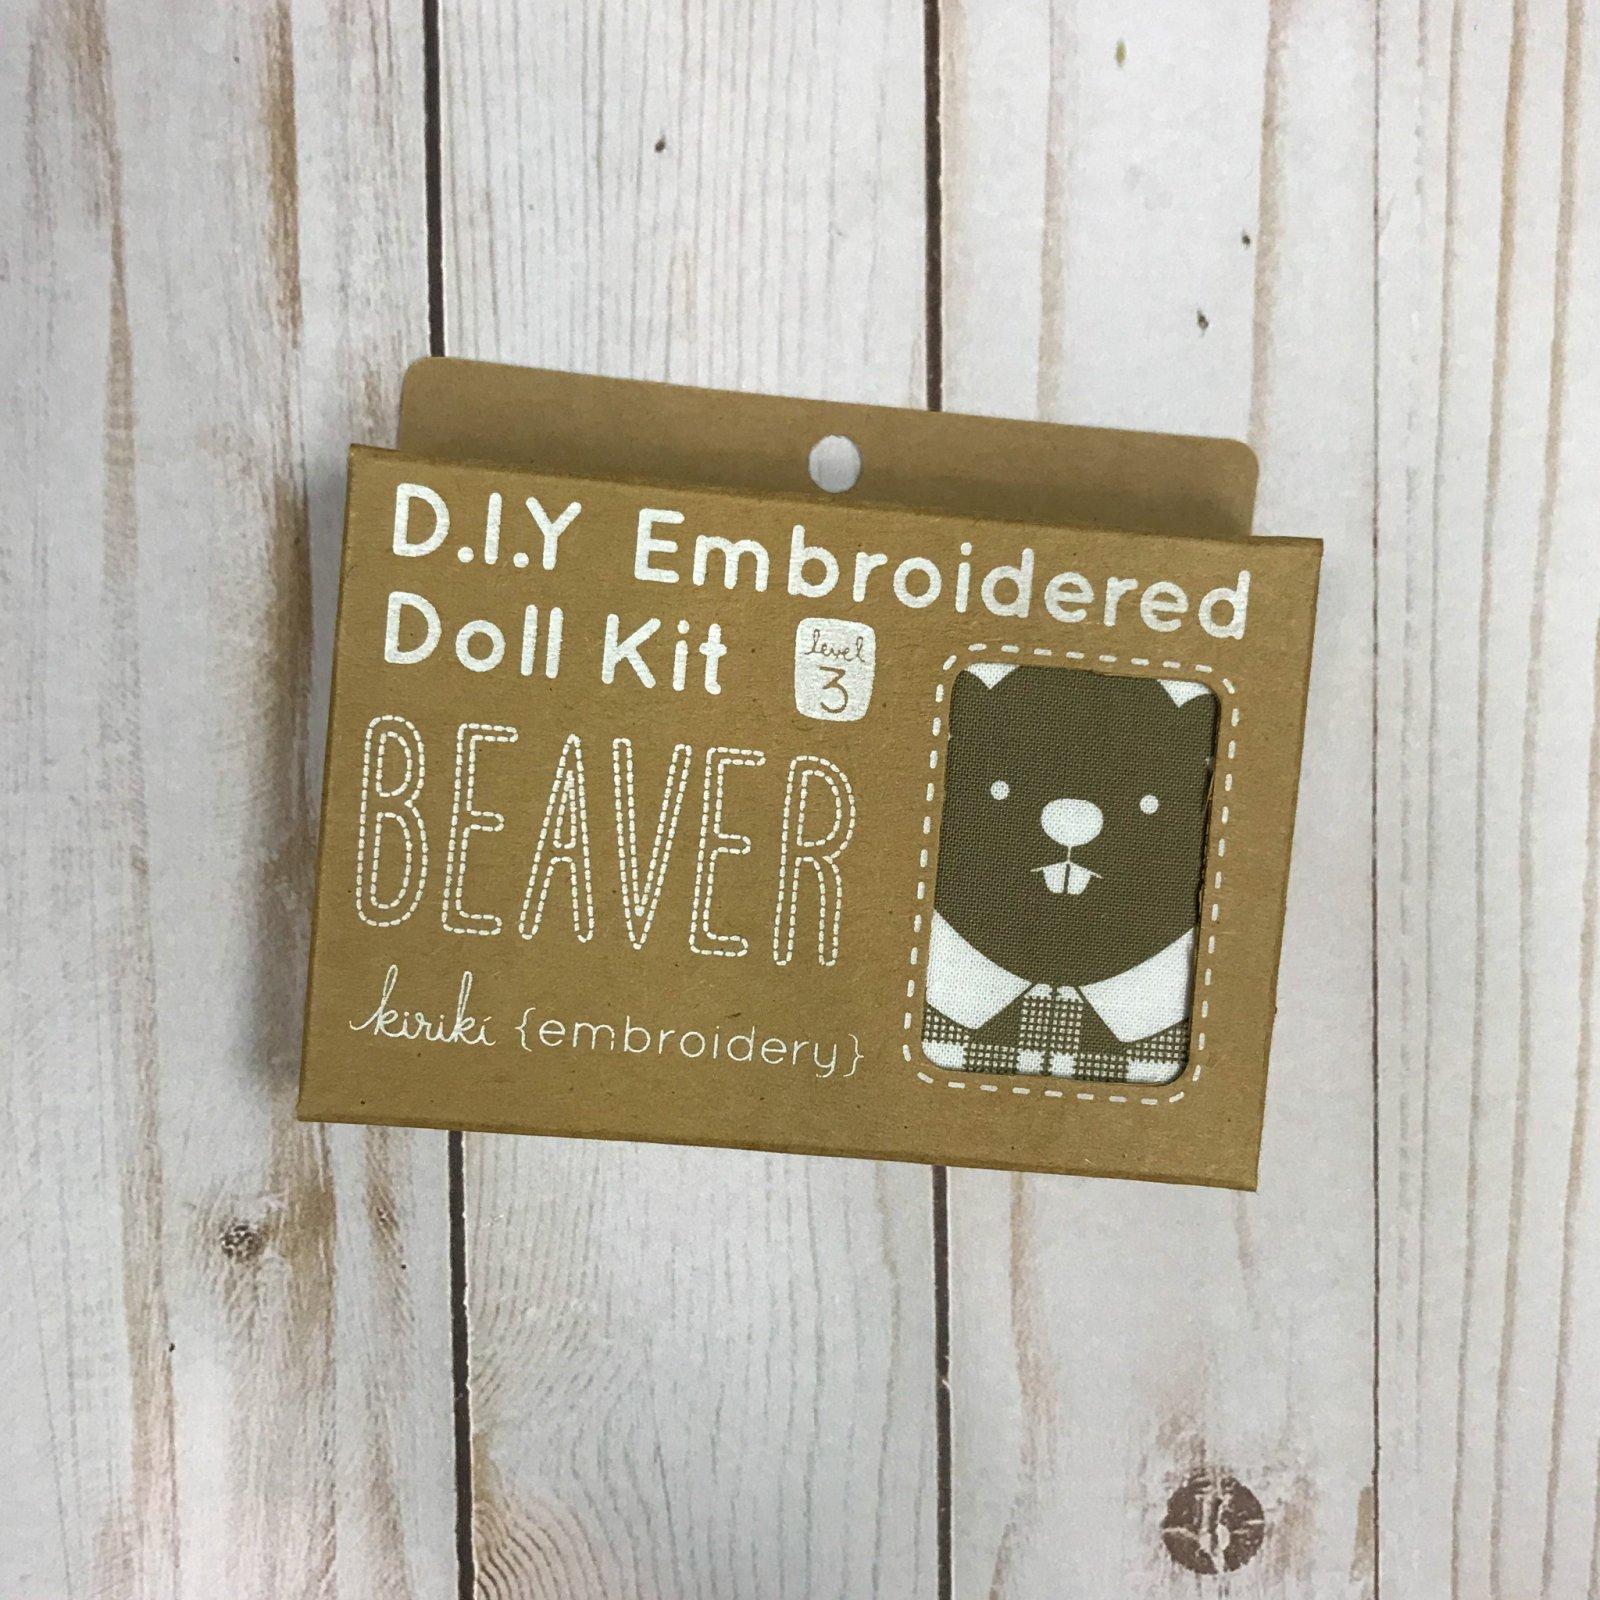 Embroidered Doll Kit - Level 3 - Beaver